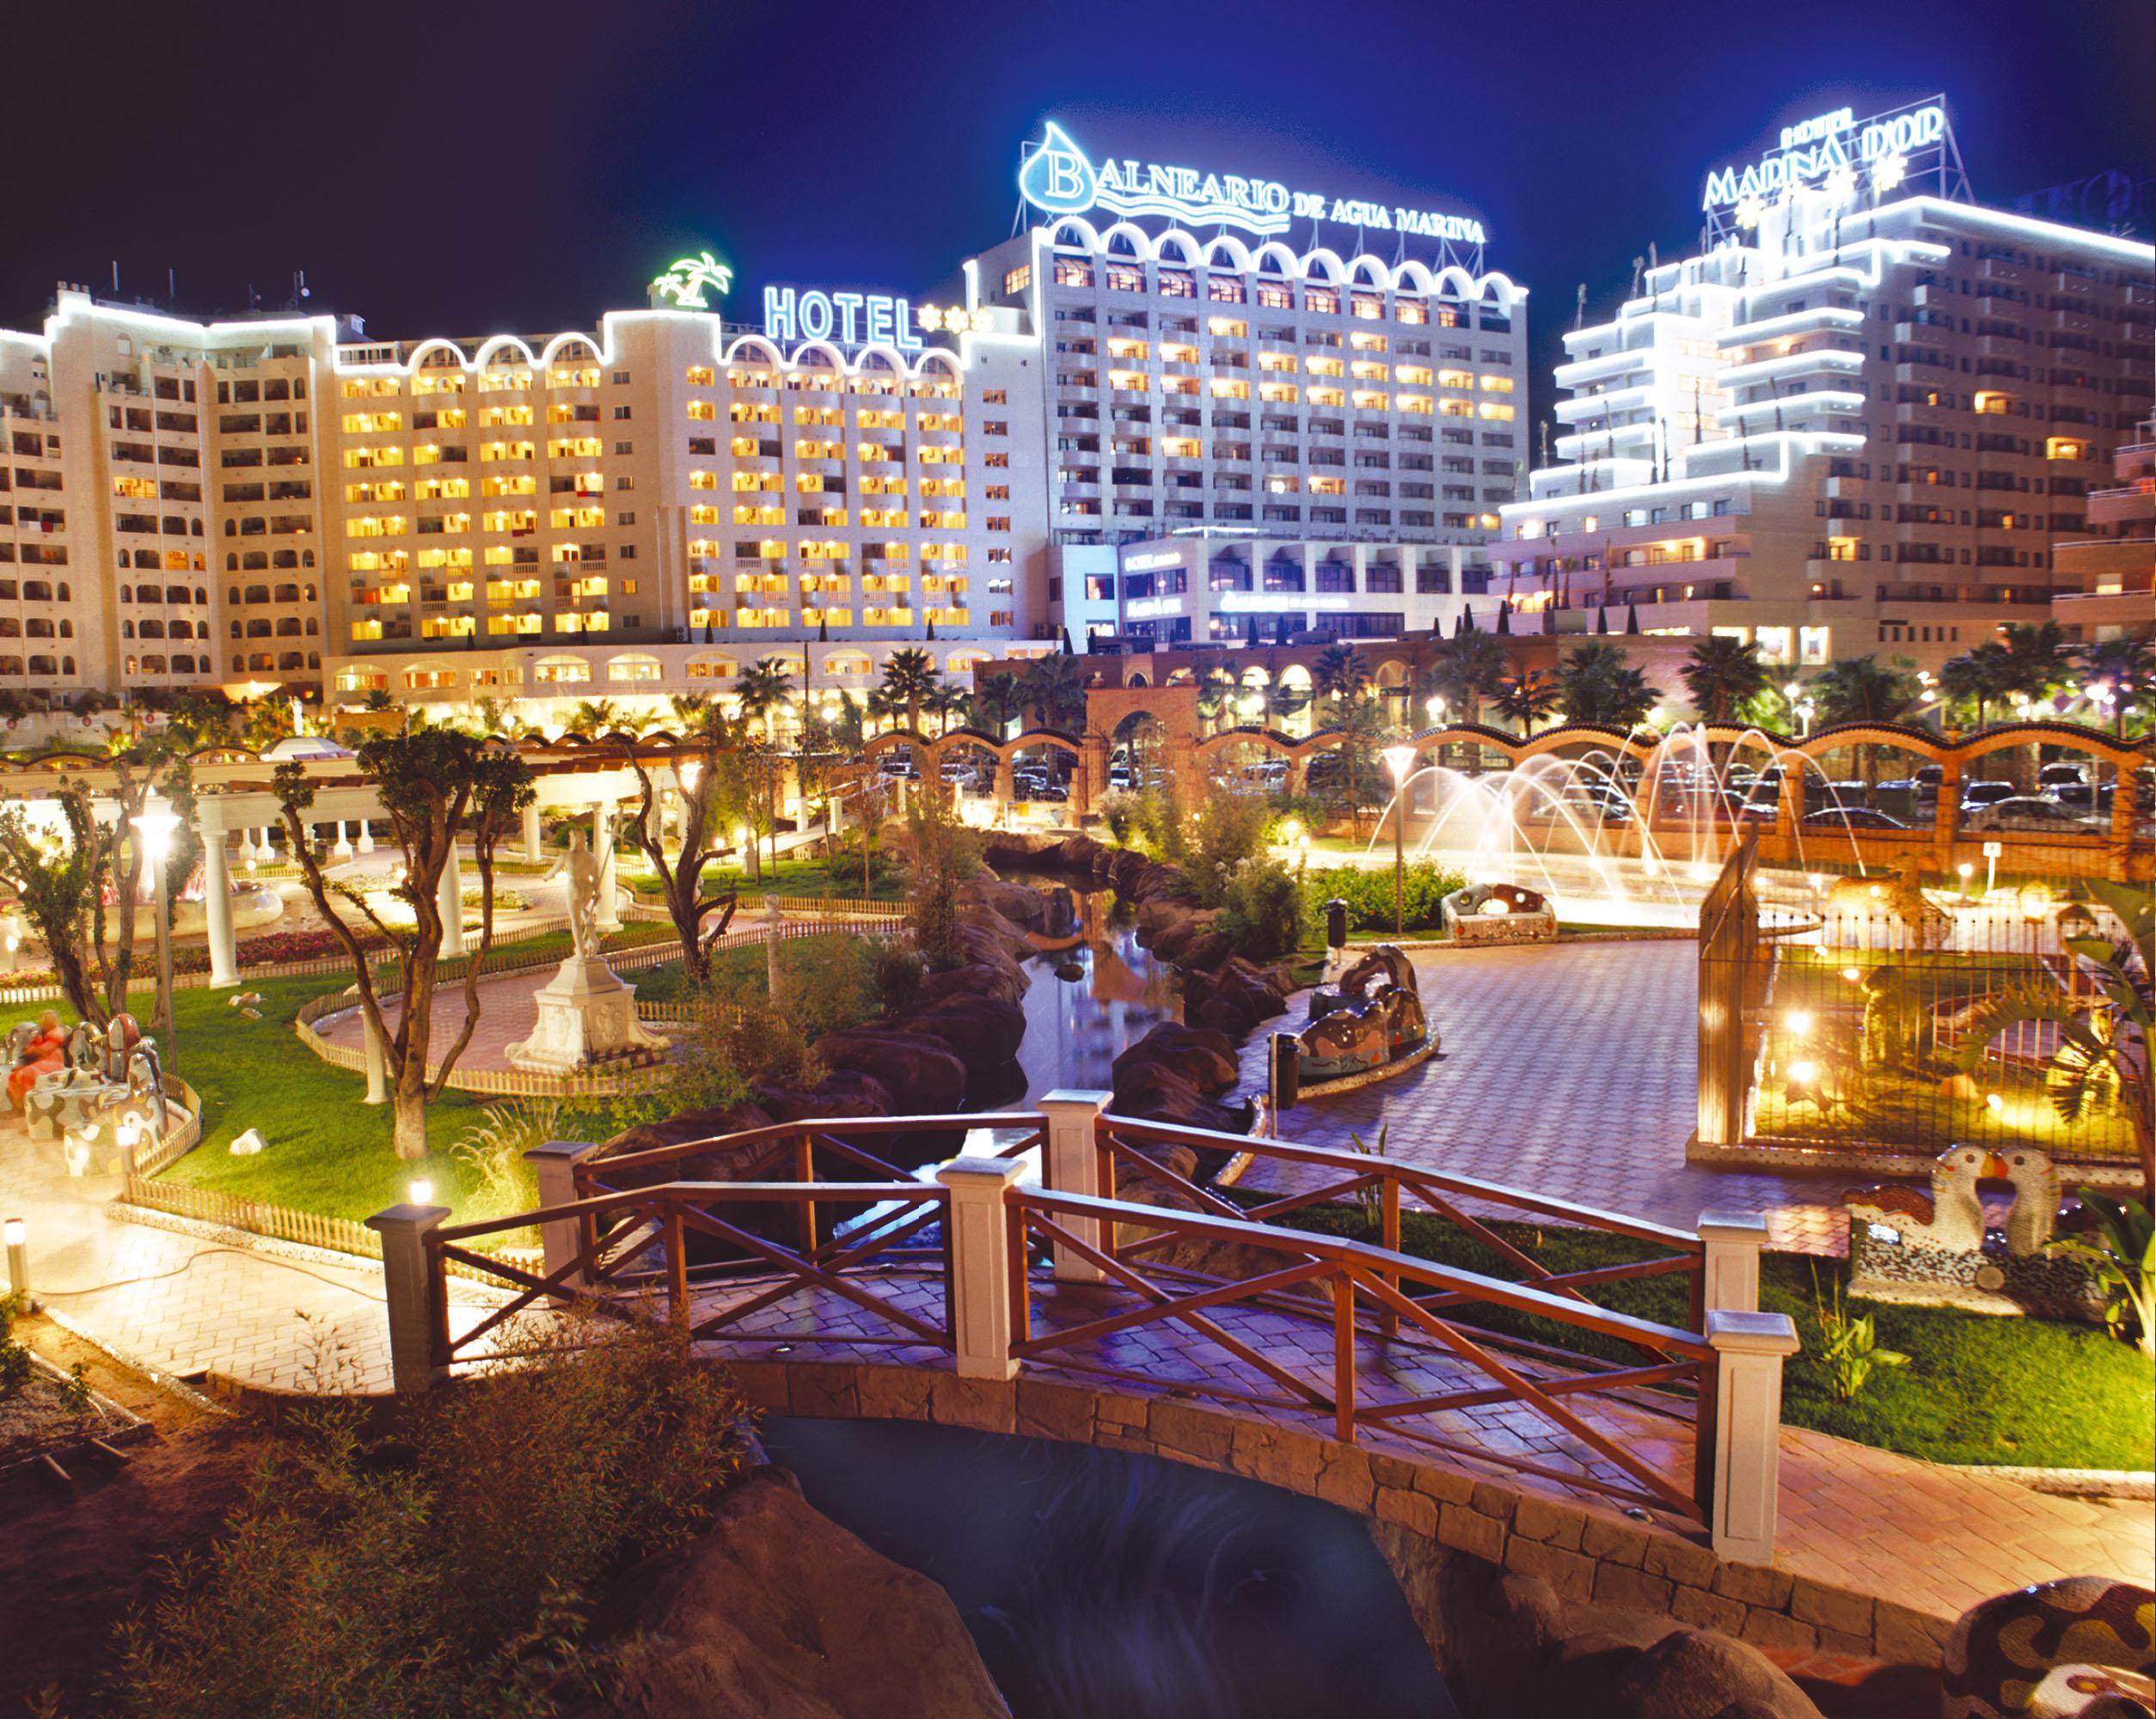 hoteles noche